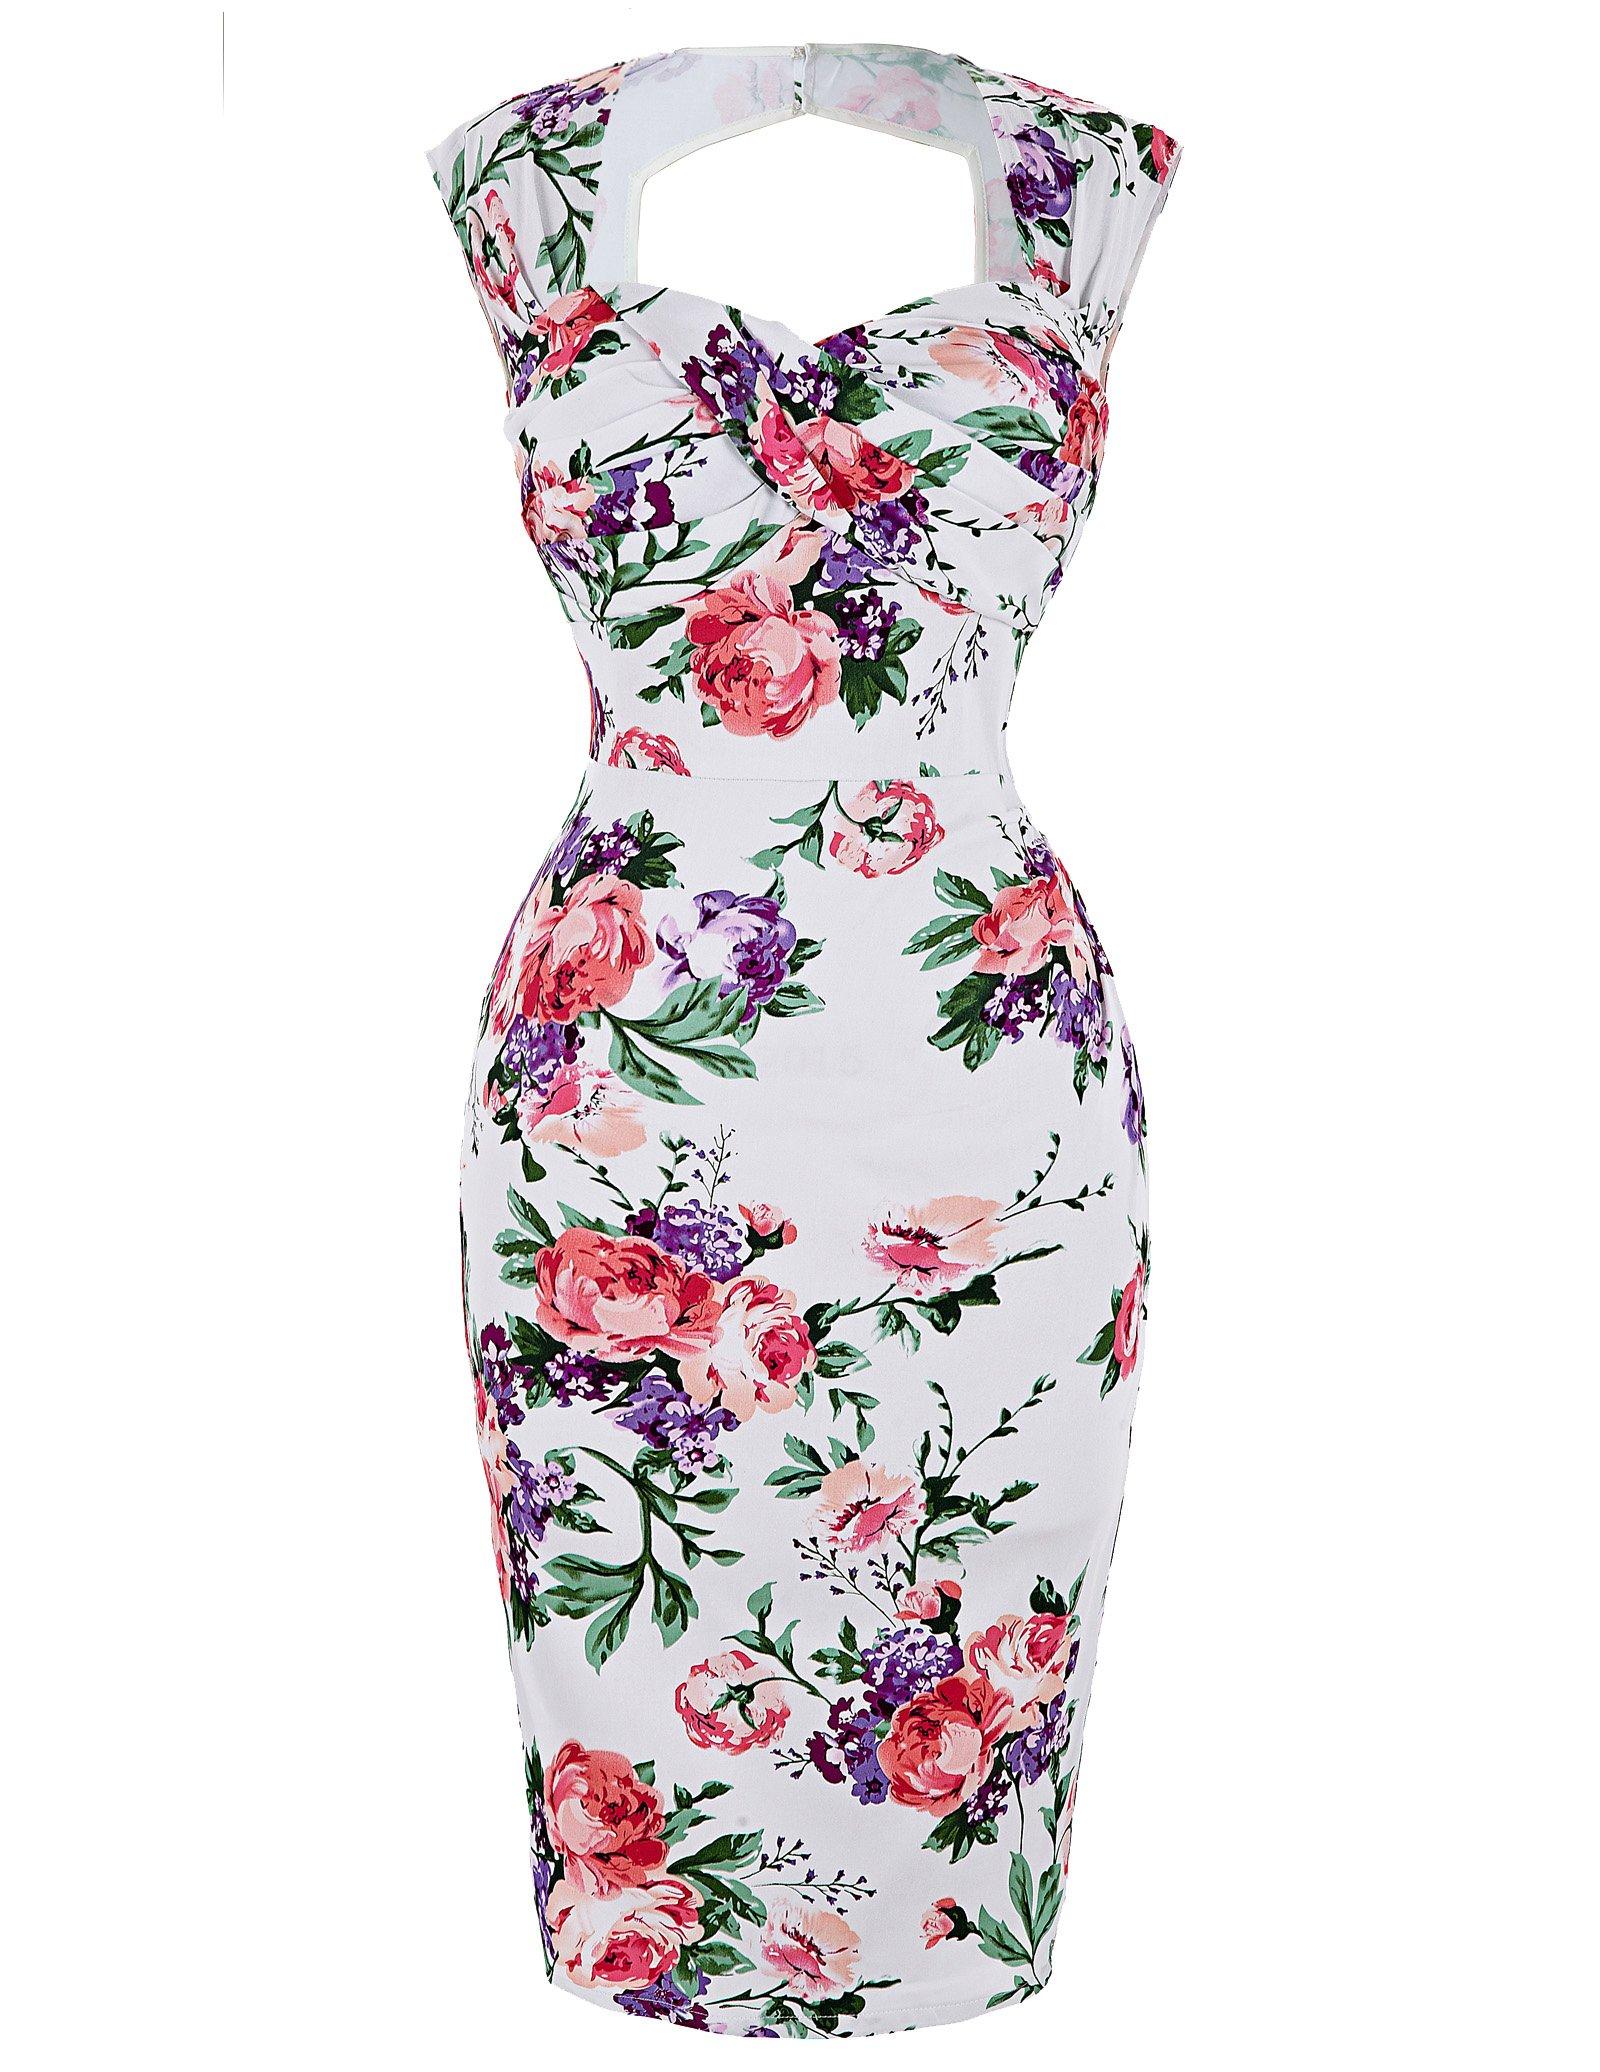 Women's Audrey Hepburn Style Floral Cocktail Tea Dress Size 14